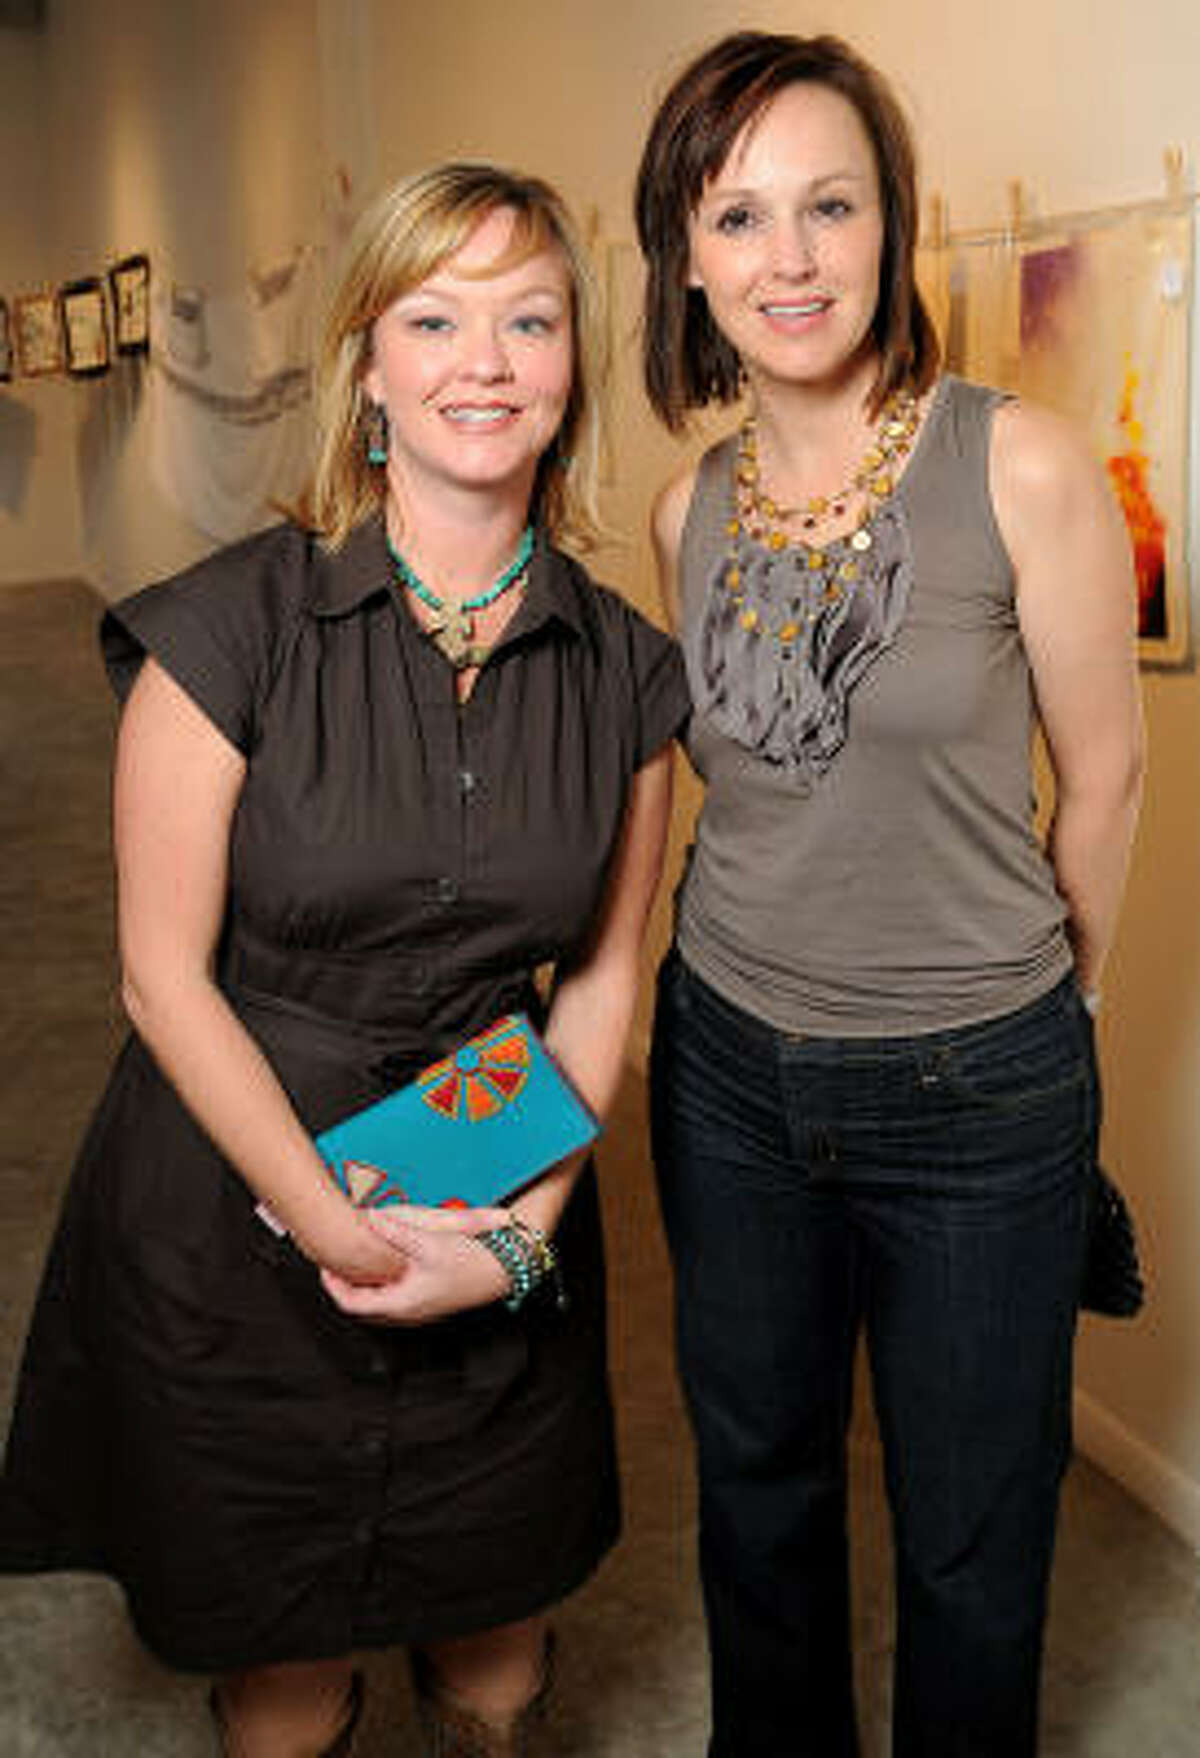 Brandi Hartsell and Lori Tatam